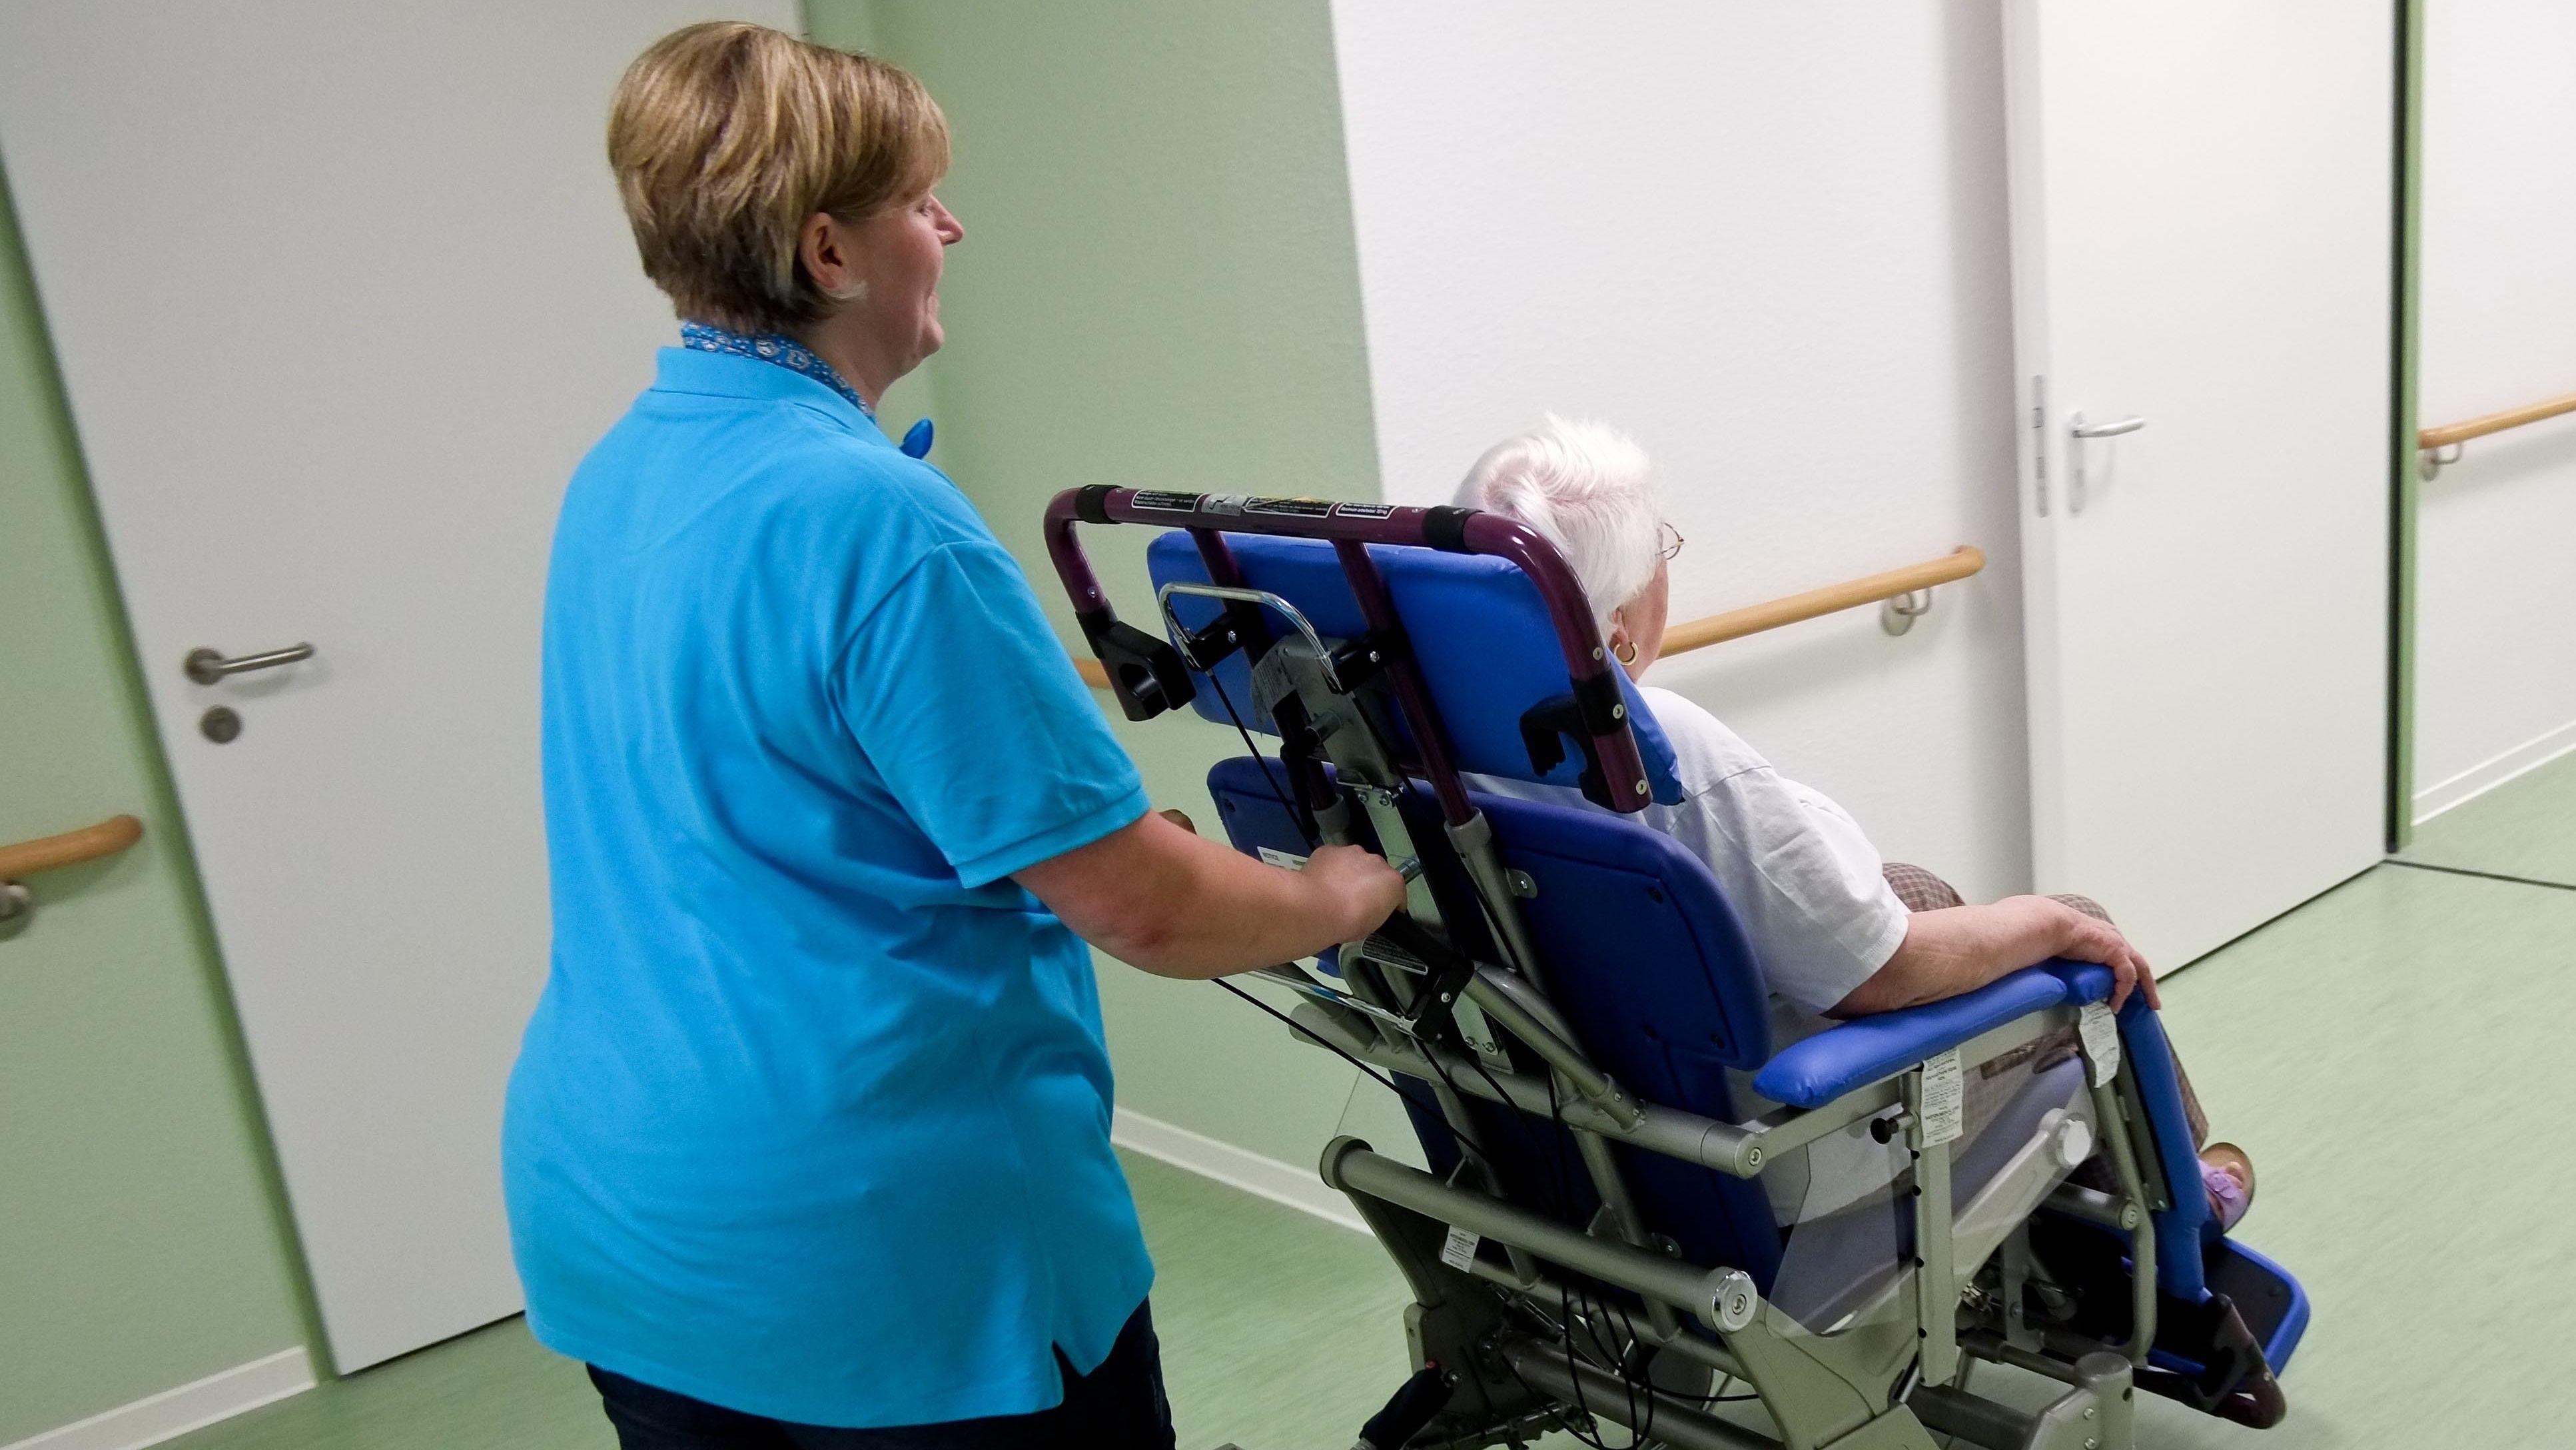 Eine Frau wird in einem Pflegeheim durch den Gang geschoben